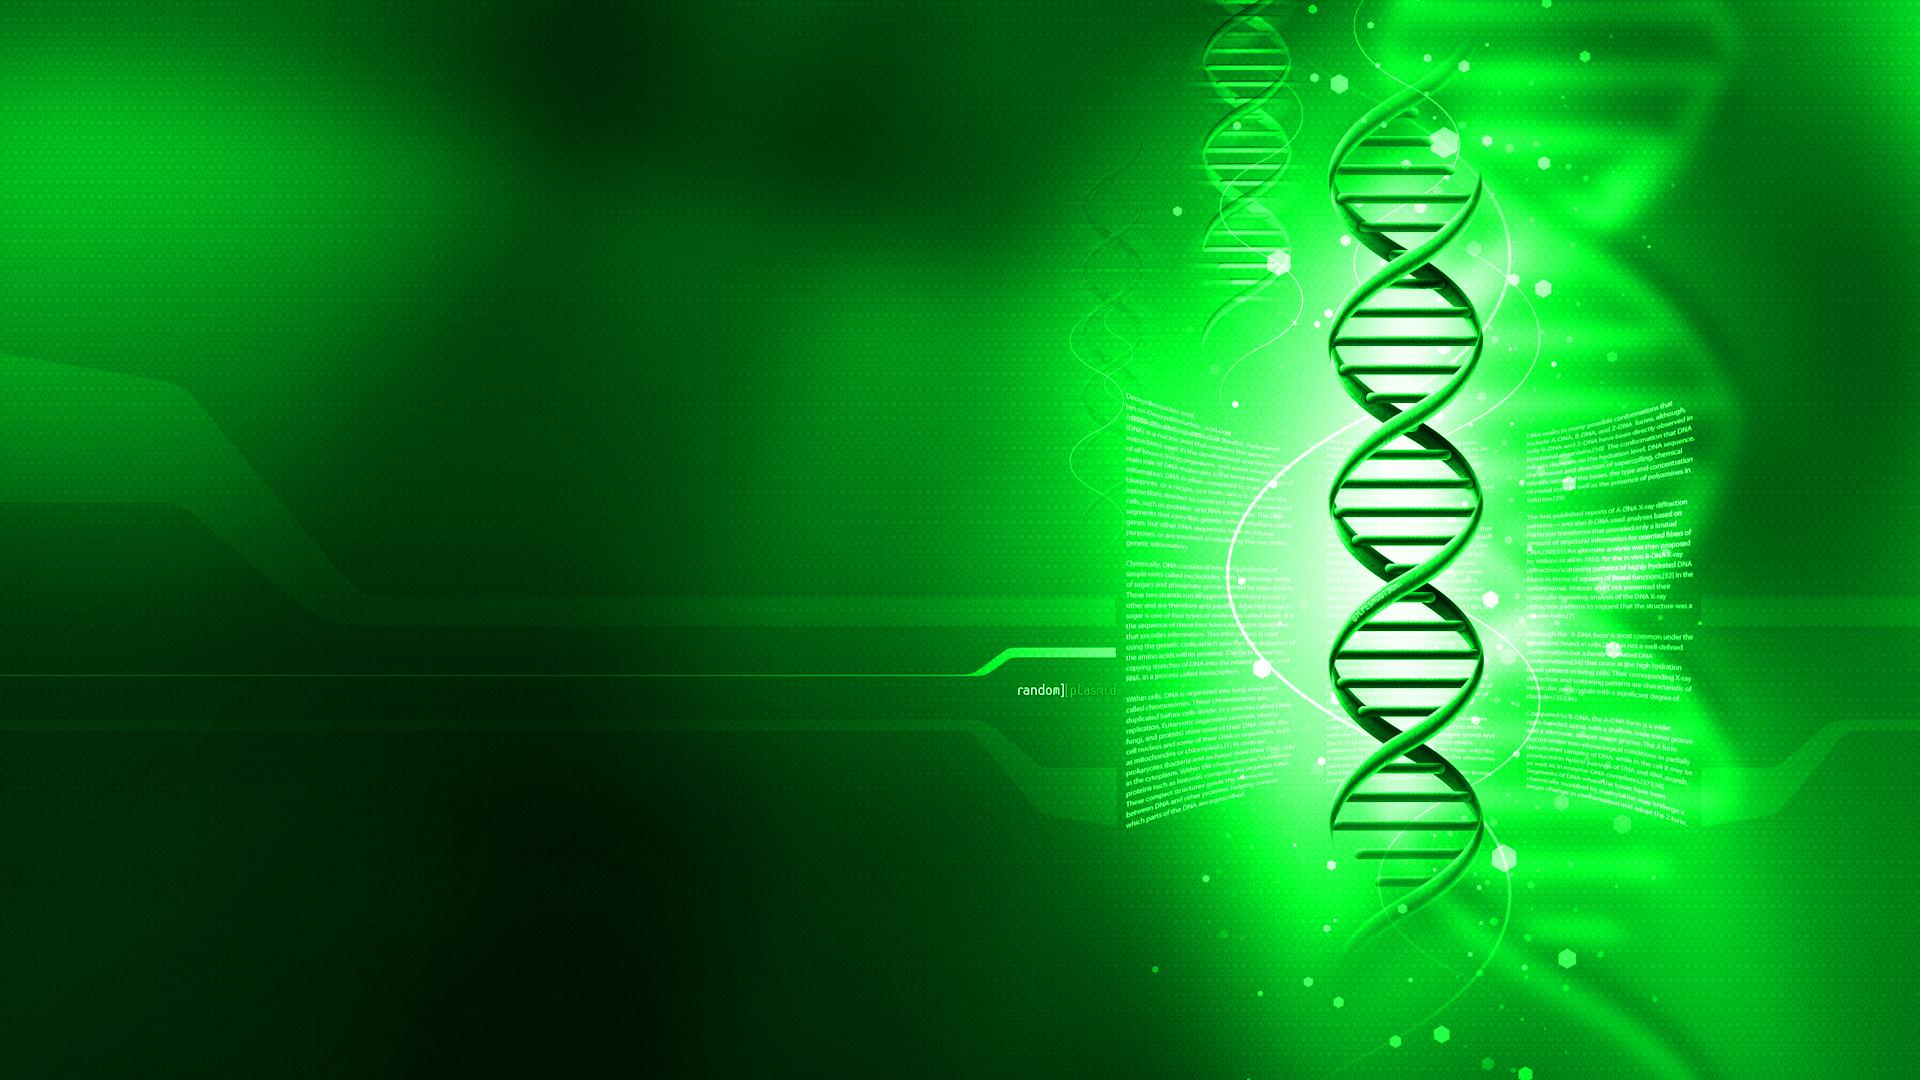 Download DNA Wallpaper 1920x1080 Wallpoper 328499 1920x1080